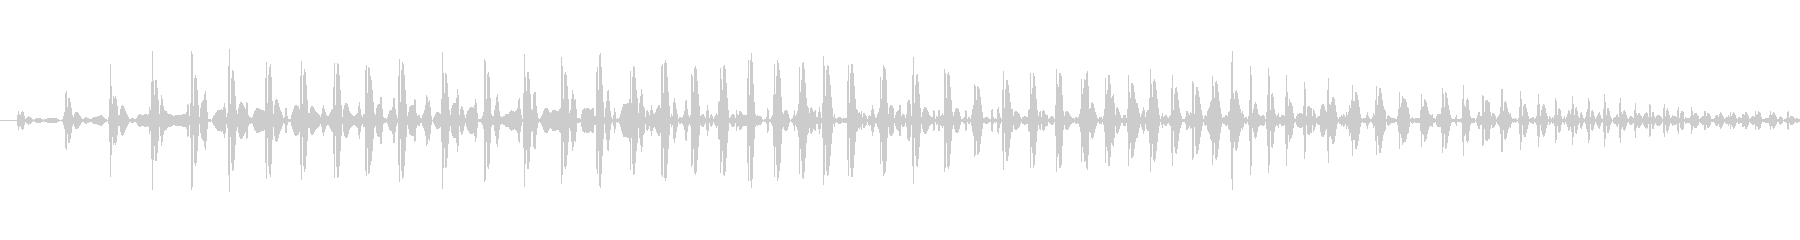 汎用的なシステム音の未再生の波形